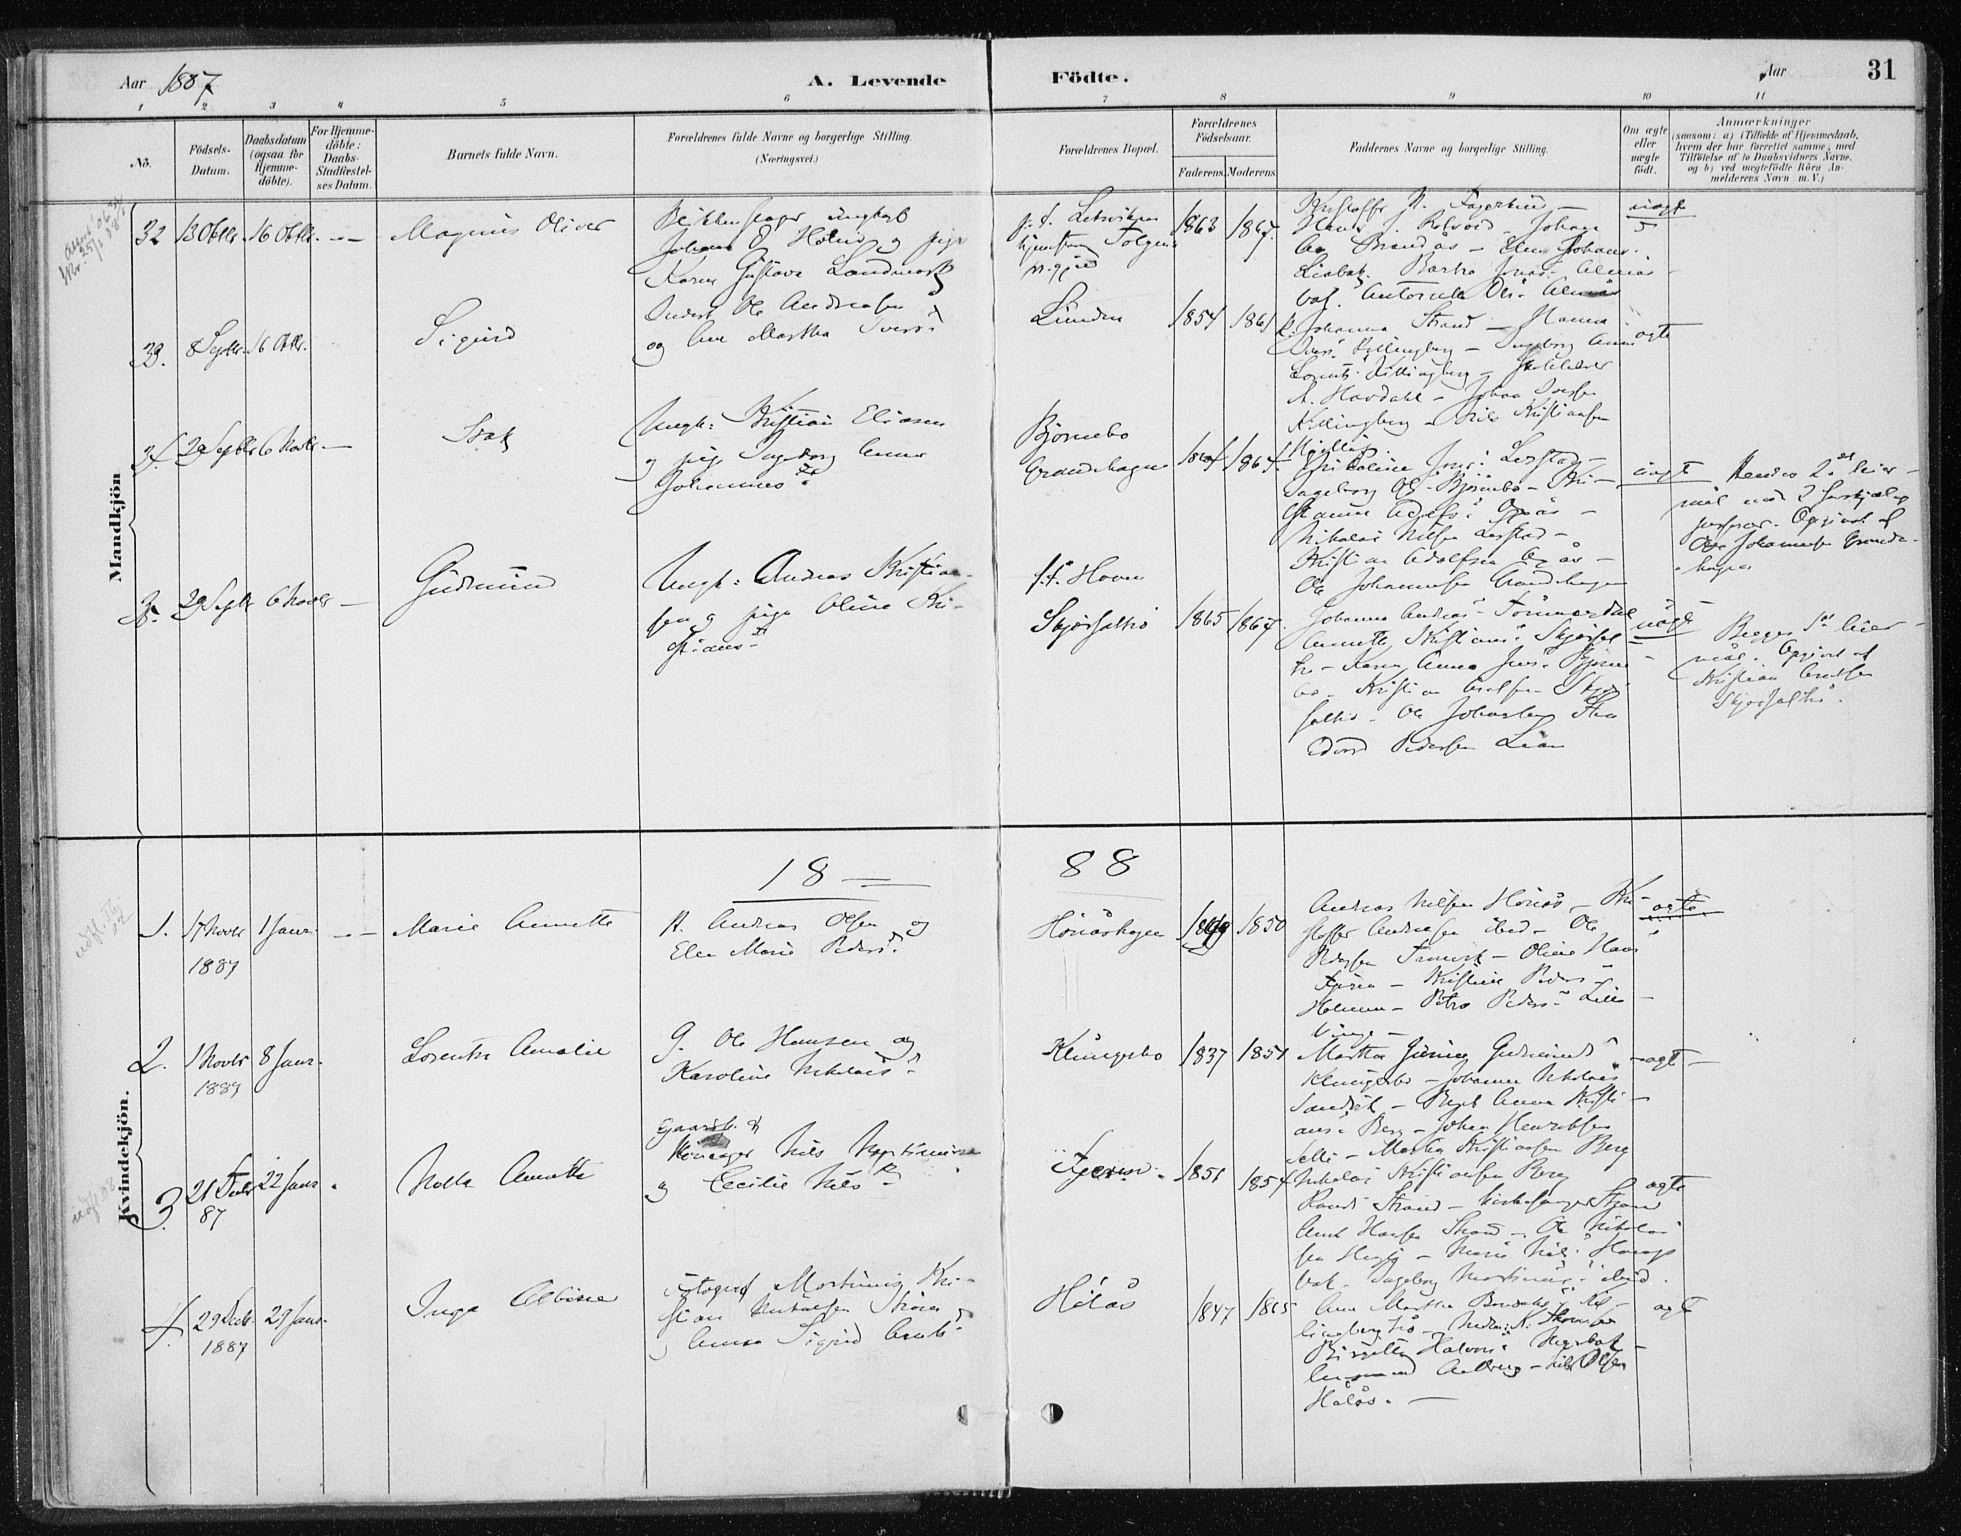 SAT, Ministerialprotokoller, klokkerbøker og fødselsregistre - Nord-Trøndelag, 701/L0010: Ministerialbok nr. 701A10, 1883-1899, s. 31